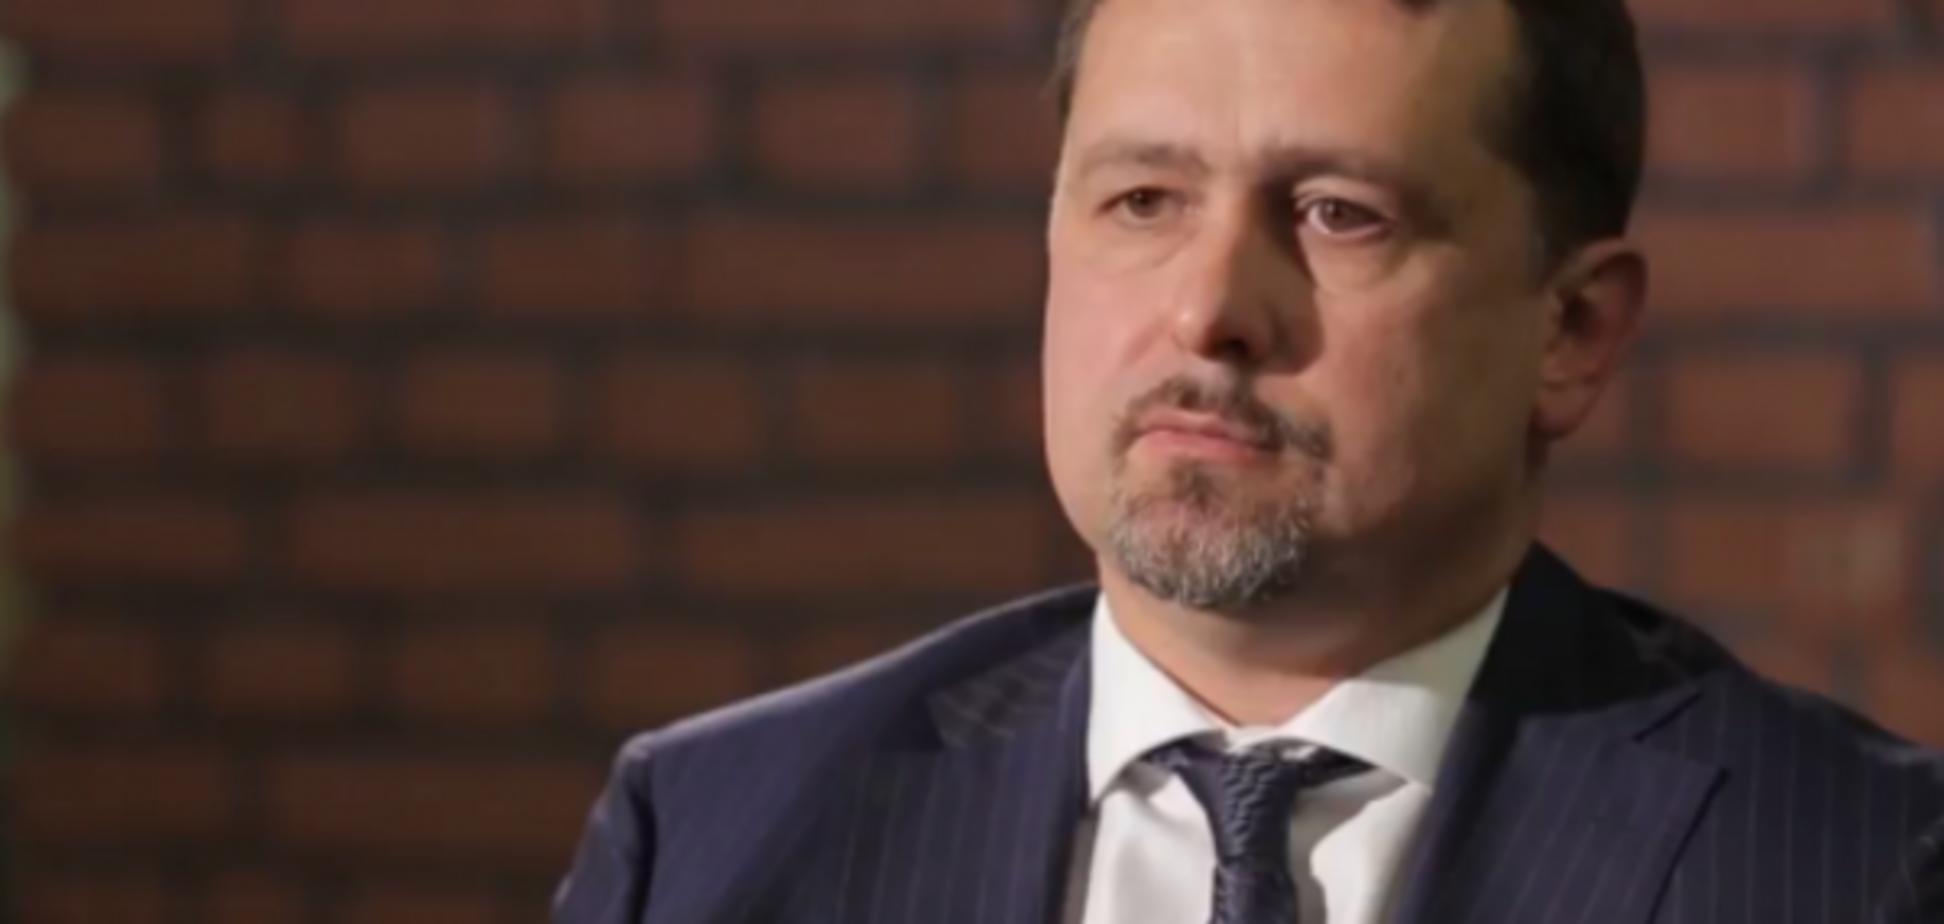 Скандальний Семочко в інтерв'ю збрехав сім разів: опубліковані факти